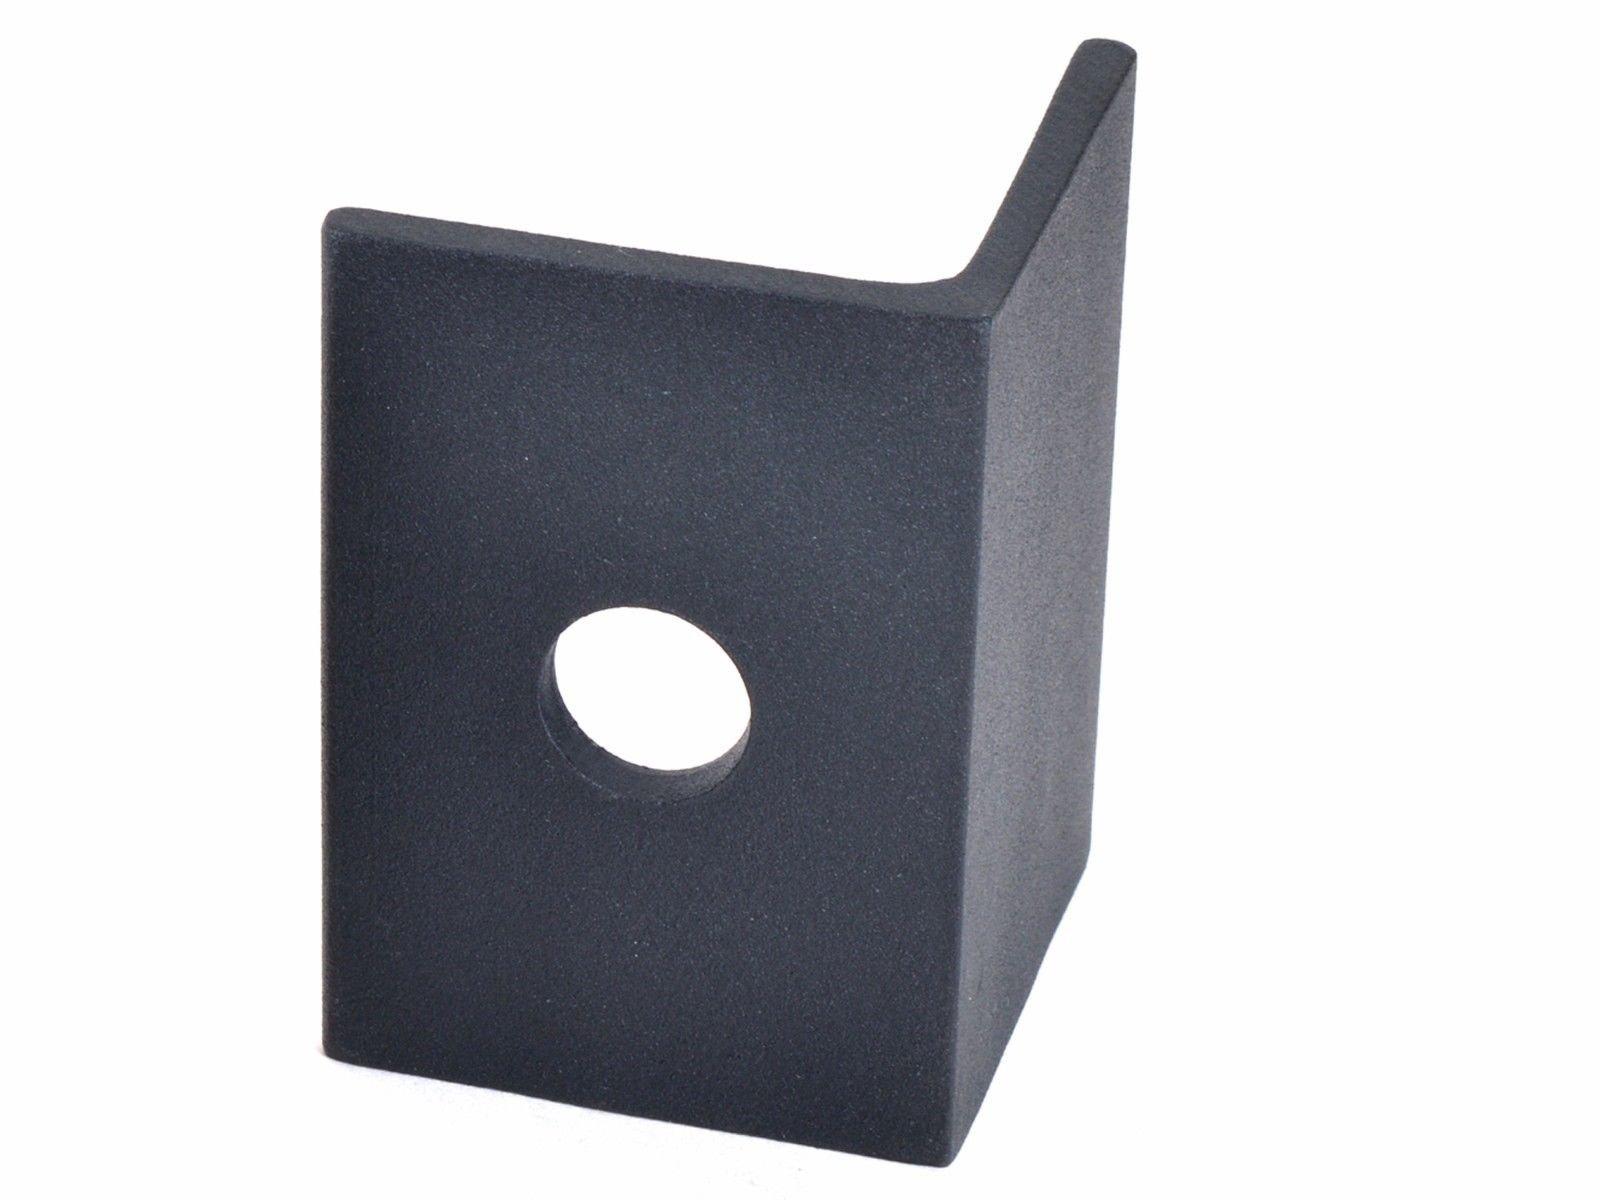 Black Door Stop Hardware Replacement For Heavy Duty 800LB Barn Sliding Door Part by Eight24hours